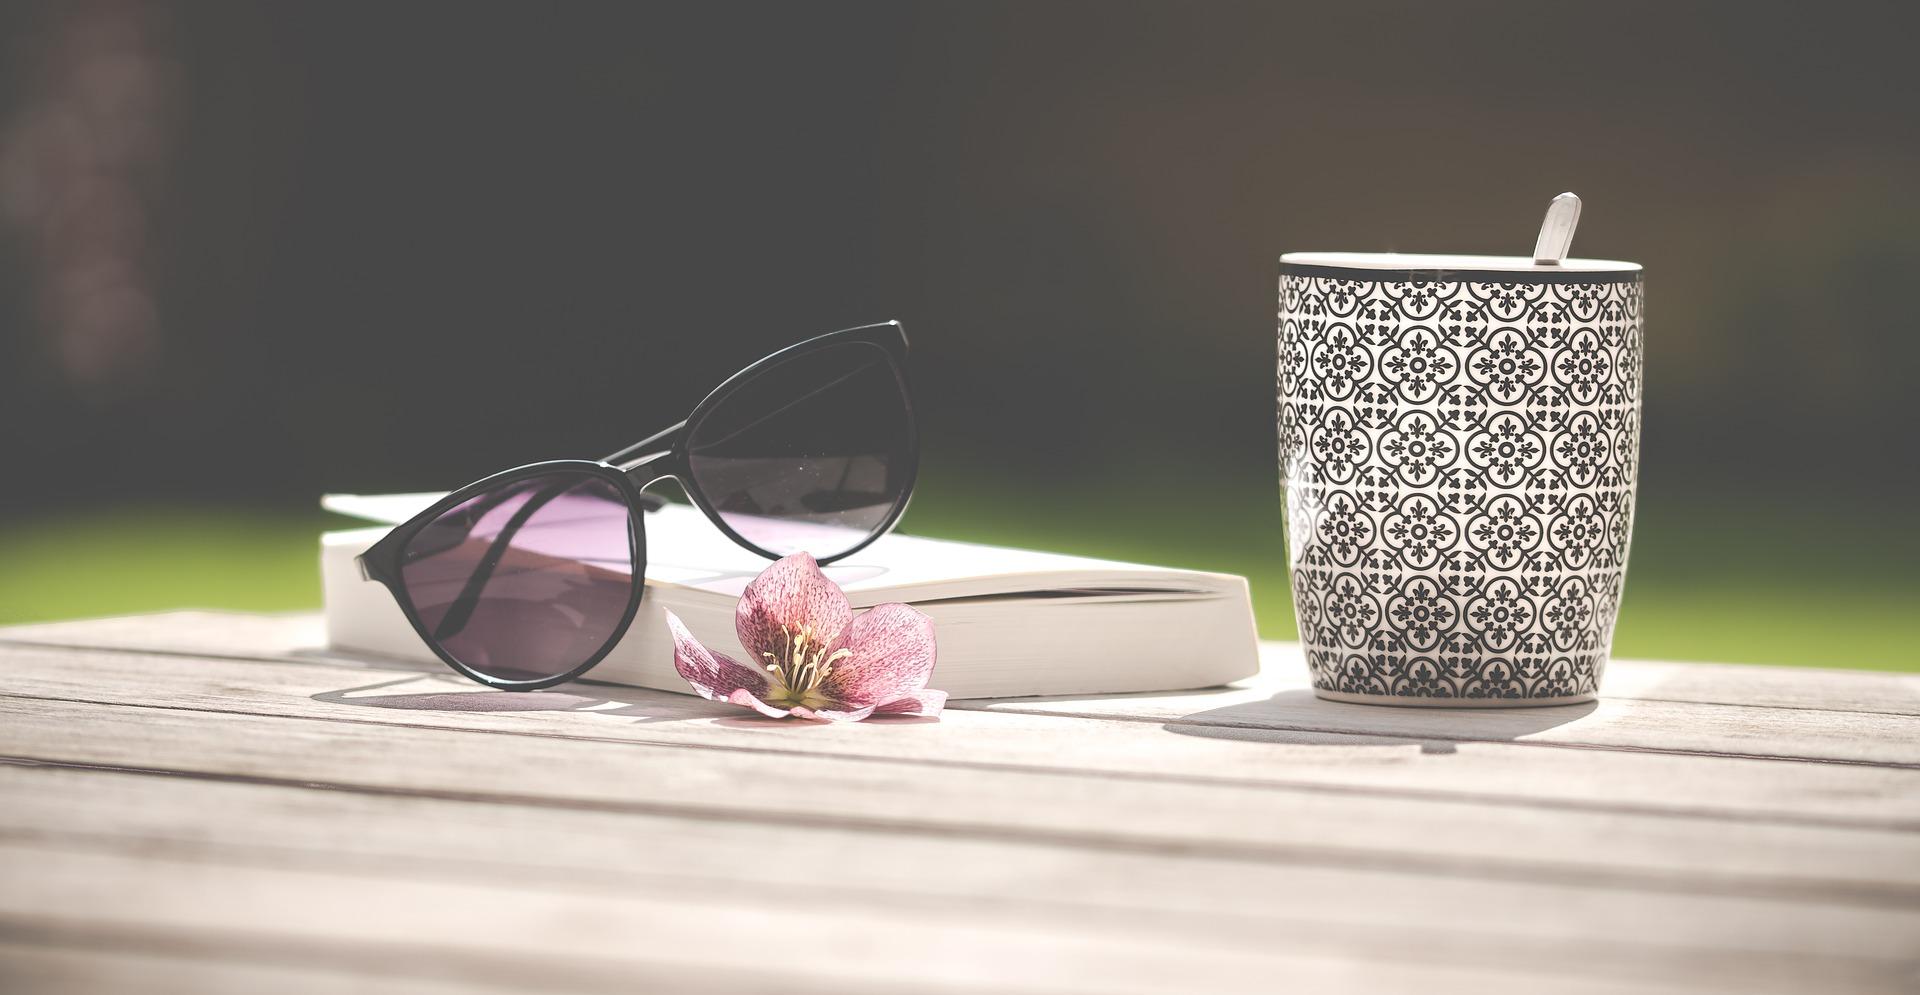 lecturas fin de semana